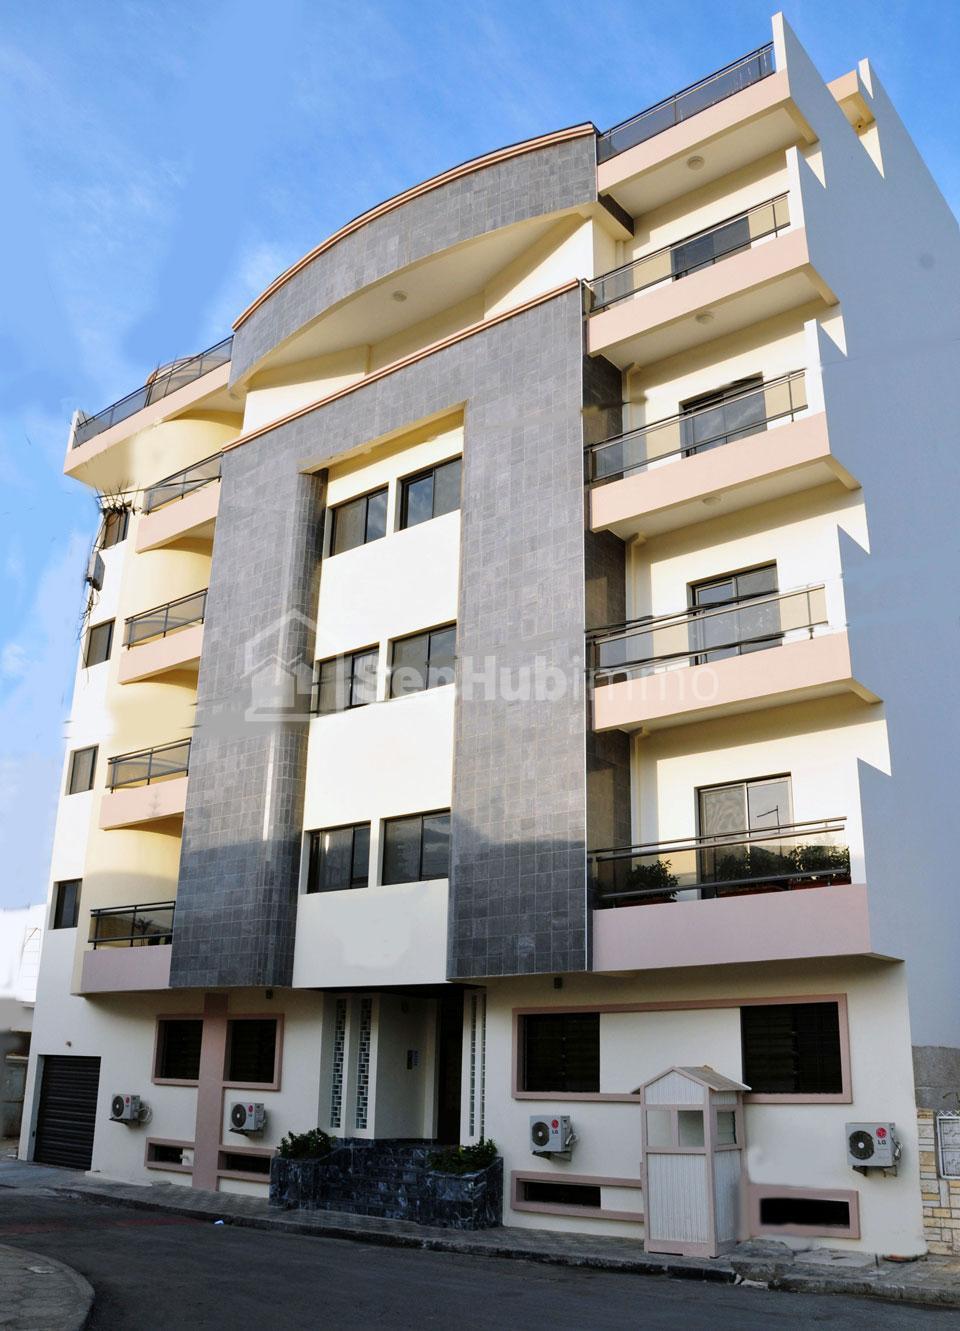 Appartement à louer au Point E - SenhubImmo.com